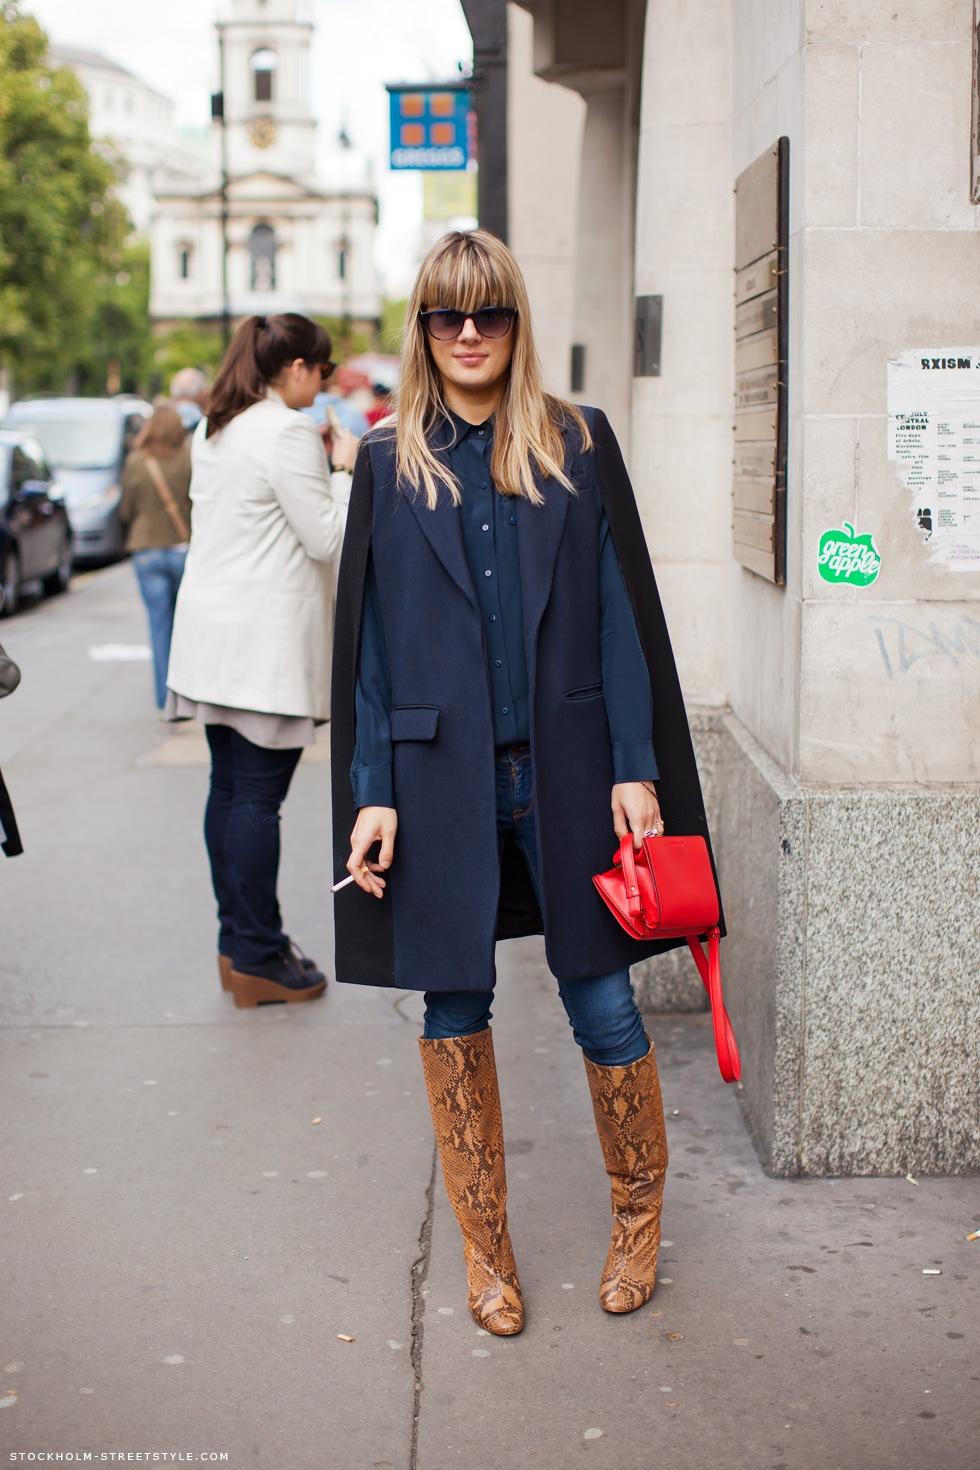 Manteau cape navy associé aux bottes python et au sac rouge, cest ce que jappelle un look ultra abouti! Ca donne un tout petit peu envie de copier\u2026